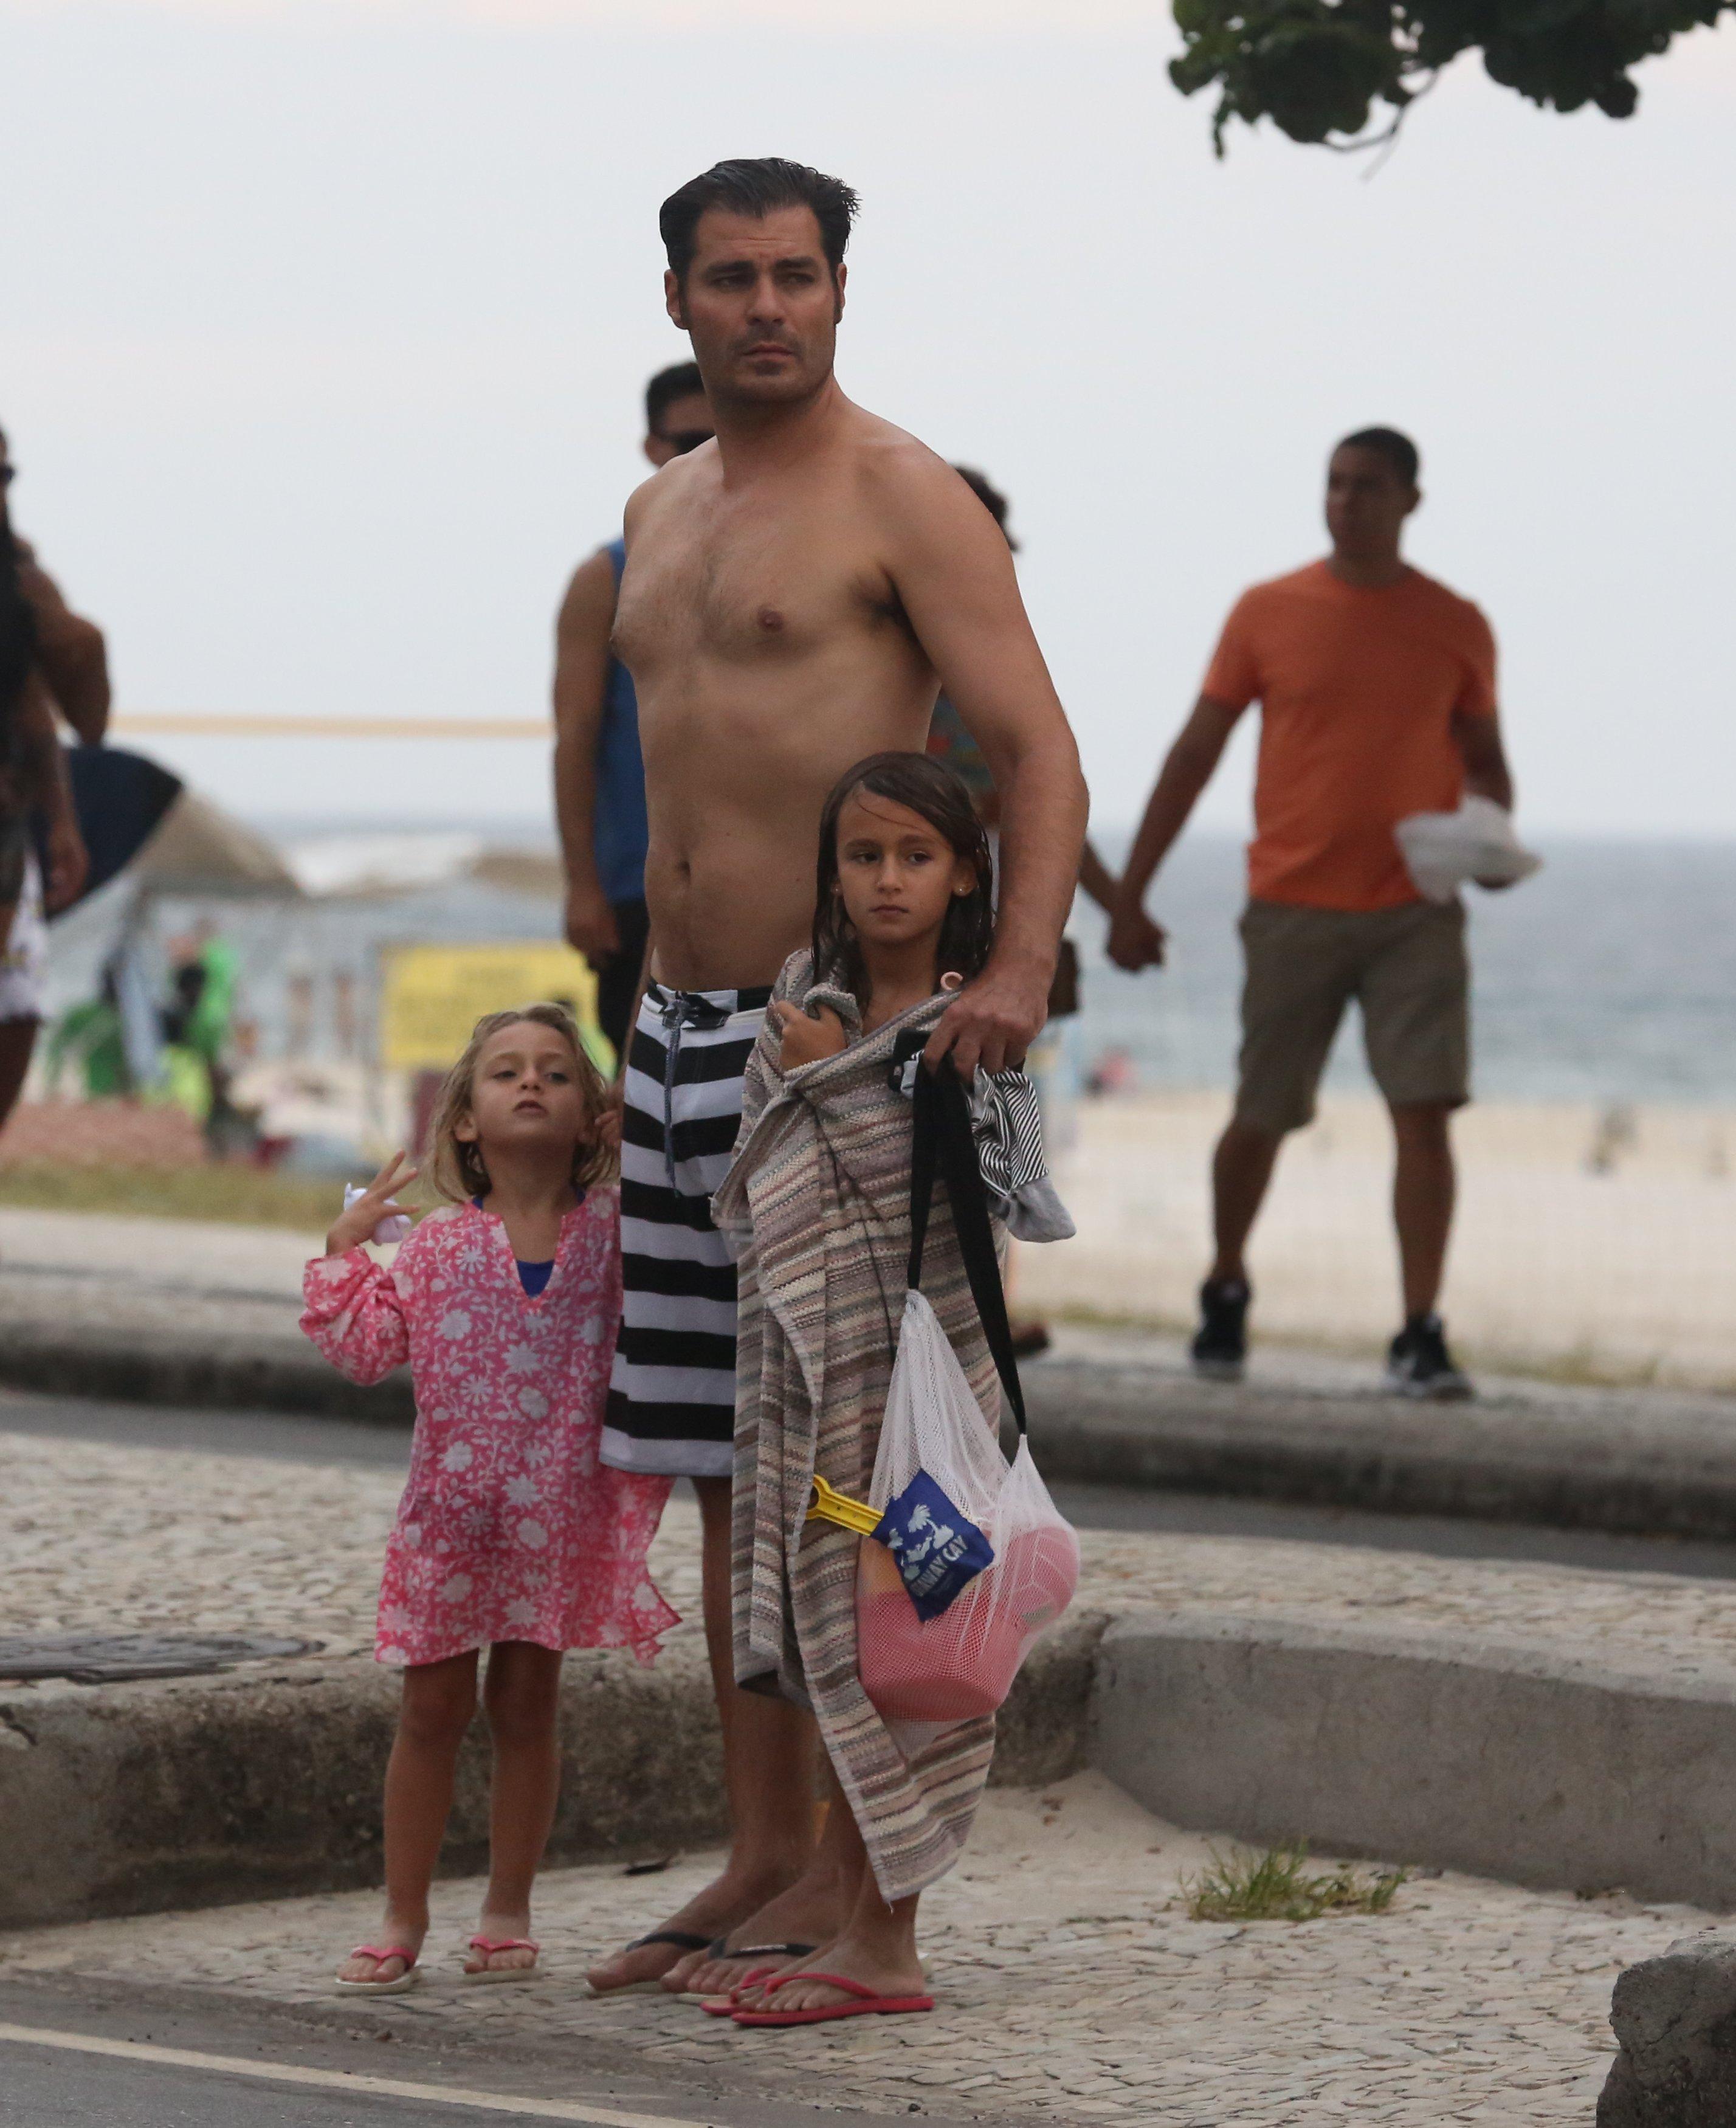 Em Rara Aparicao Filhas De Thiago Lacerda Vao A Praia Com O Pai Claudia